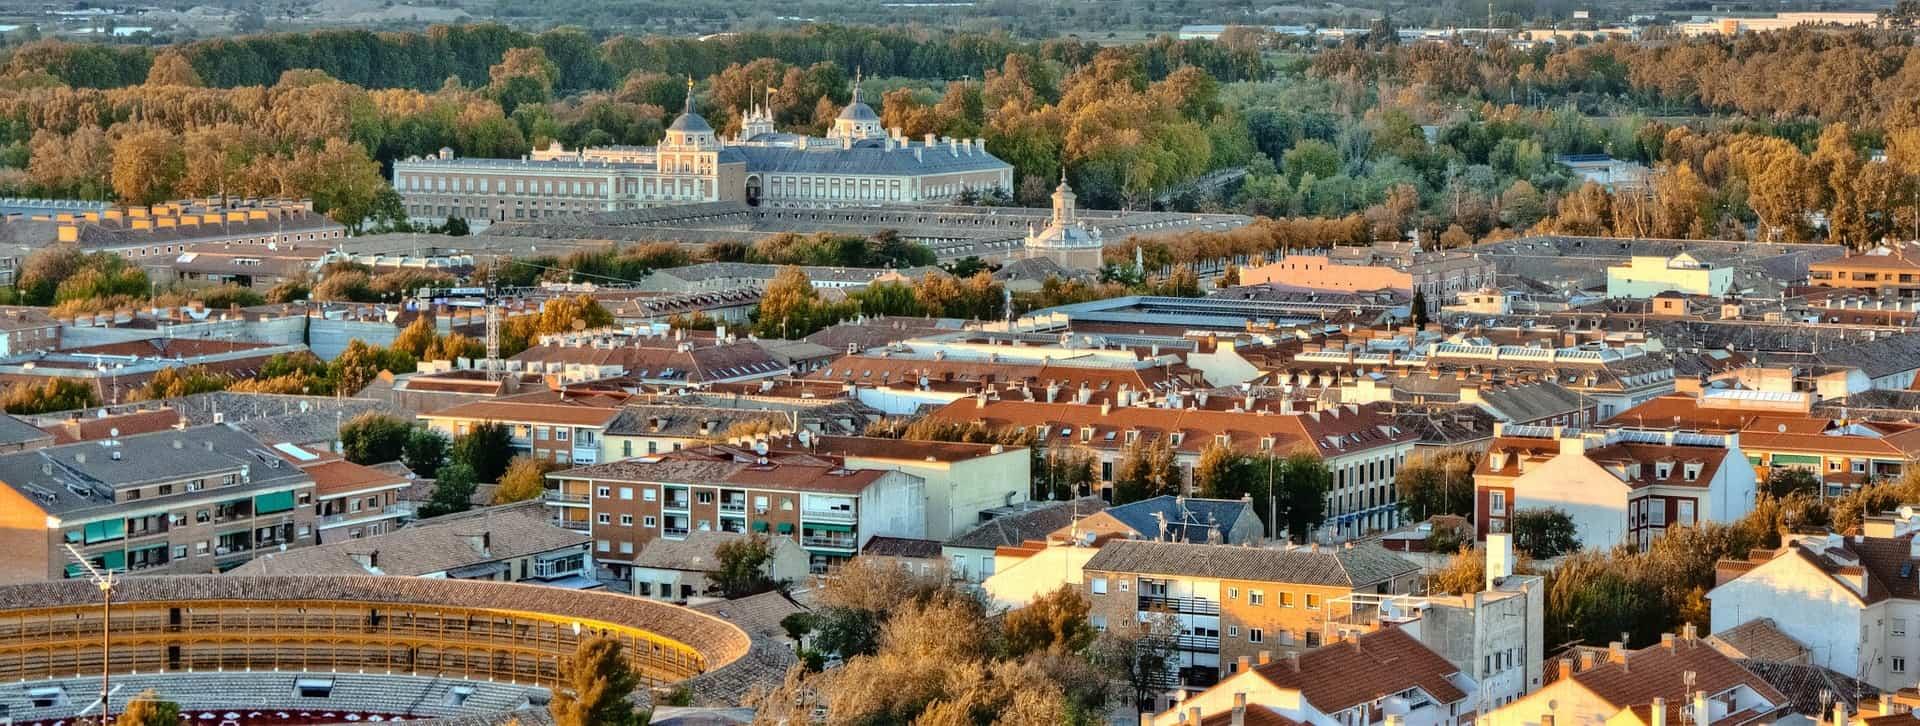 Consejos y recomendaciones para conocer Aranjuez